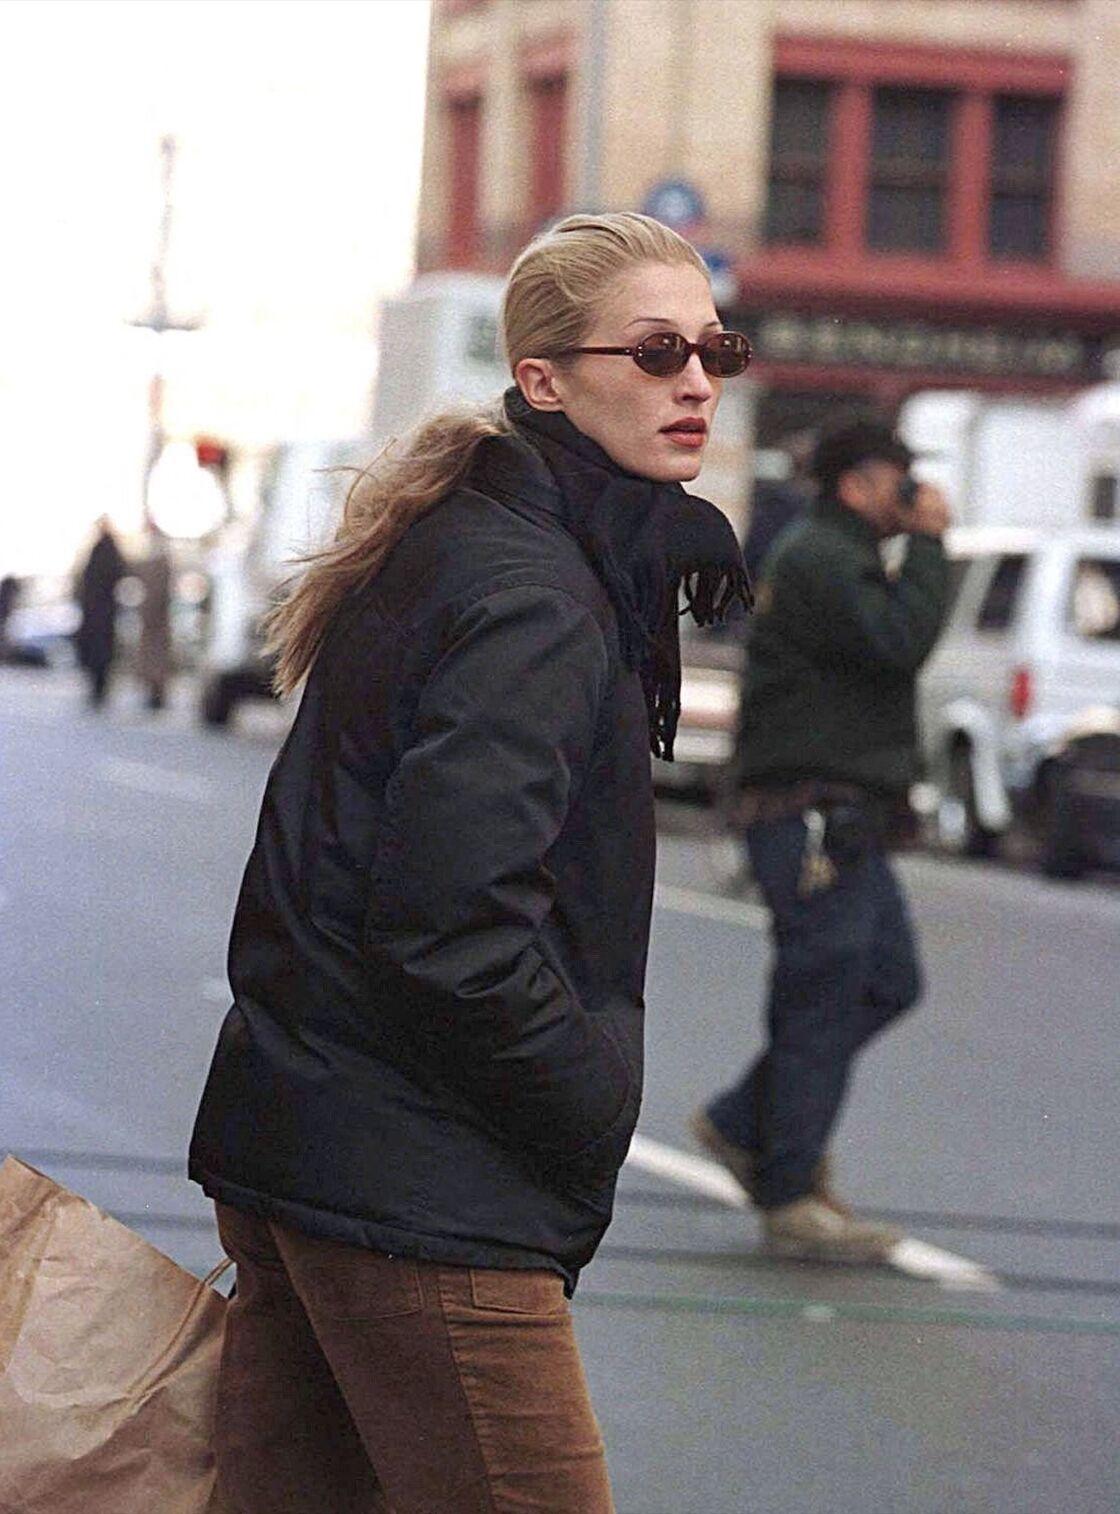 Carolyn Bessette jamais sans sa doudoune noire dans les rues de New York dans les années 90